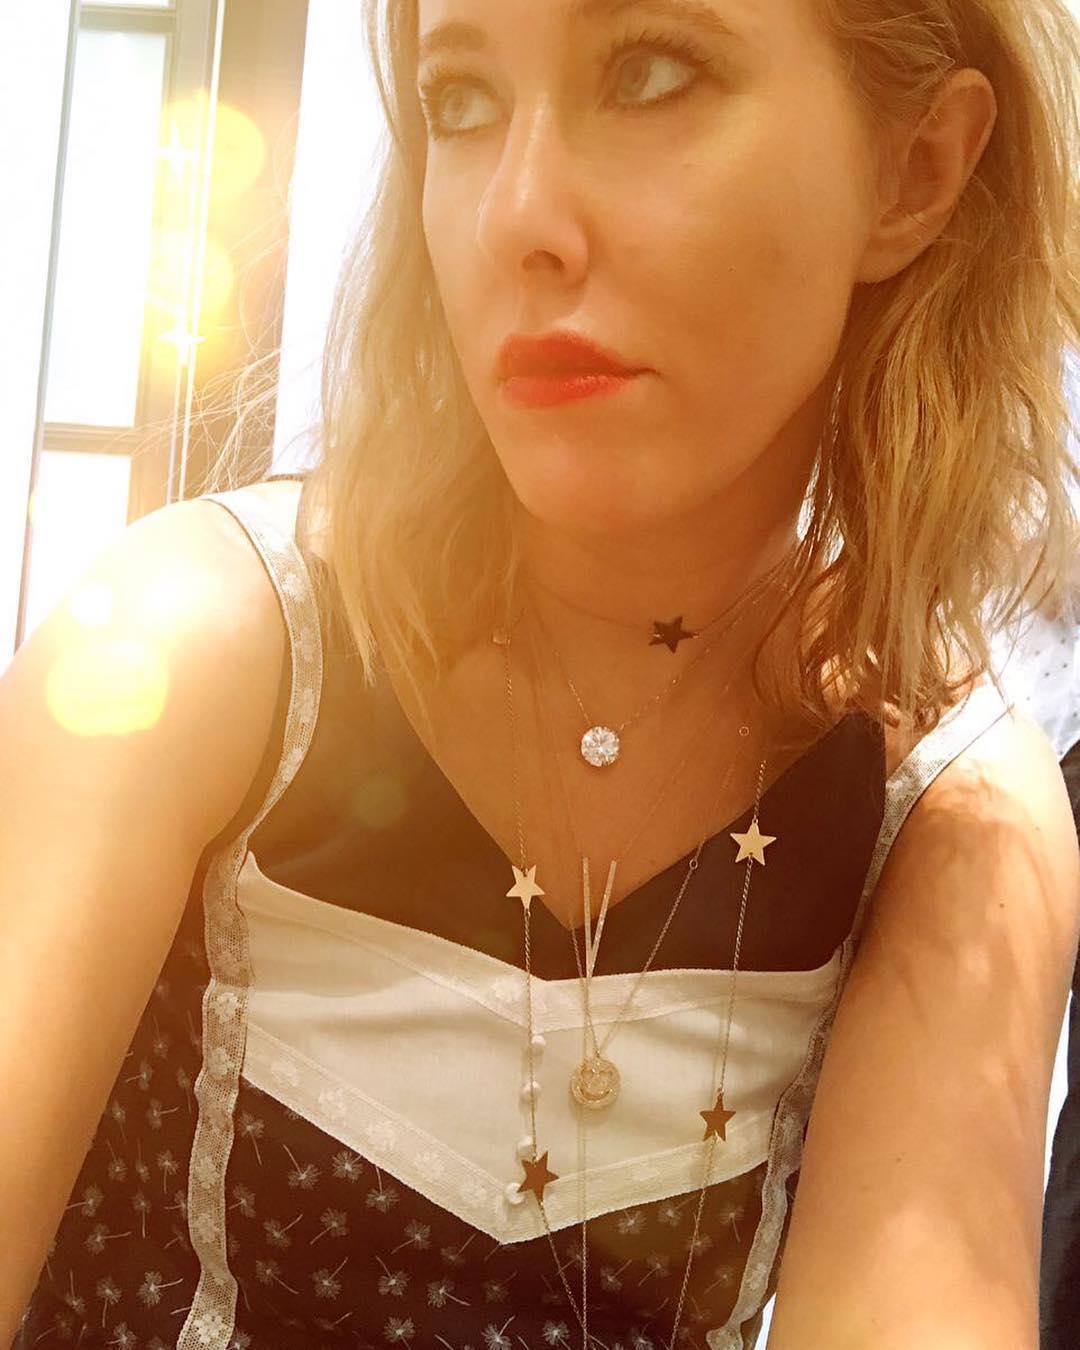 Ксения Собчак: Блистать так блистать! Вместе с @j_point #рекламнаяпауза